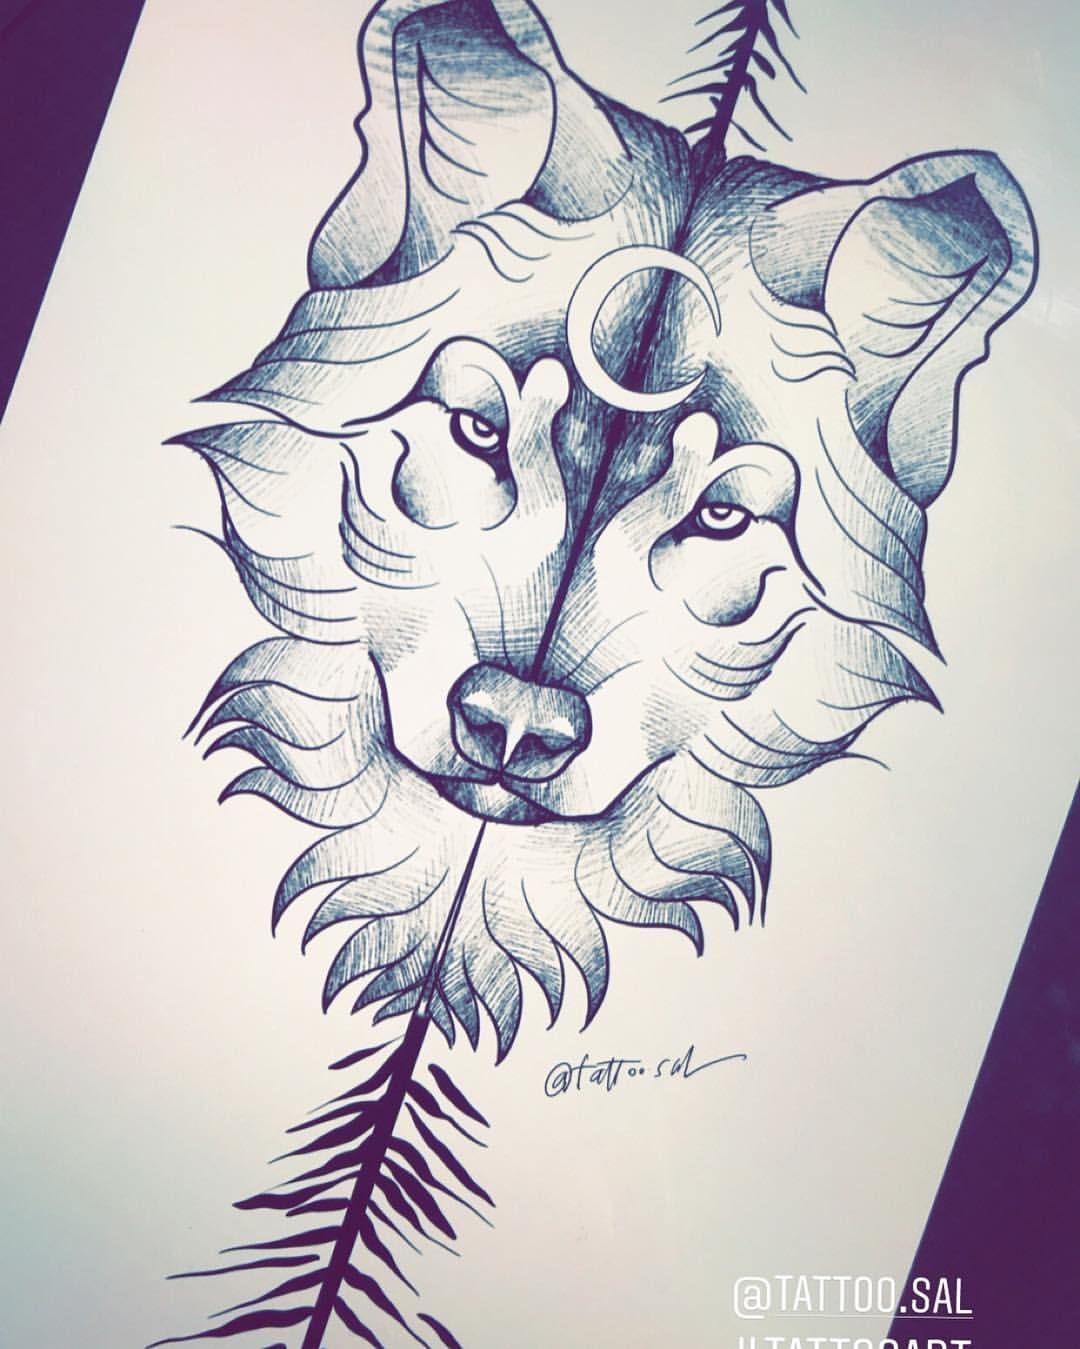 Wolftattoodesign Tattoo Sal Salculture Drawing Art Wolf Tattoodesign Wolf Tattoo Design Wolf Tattoo Tattoo Designs